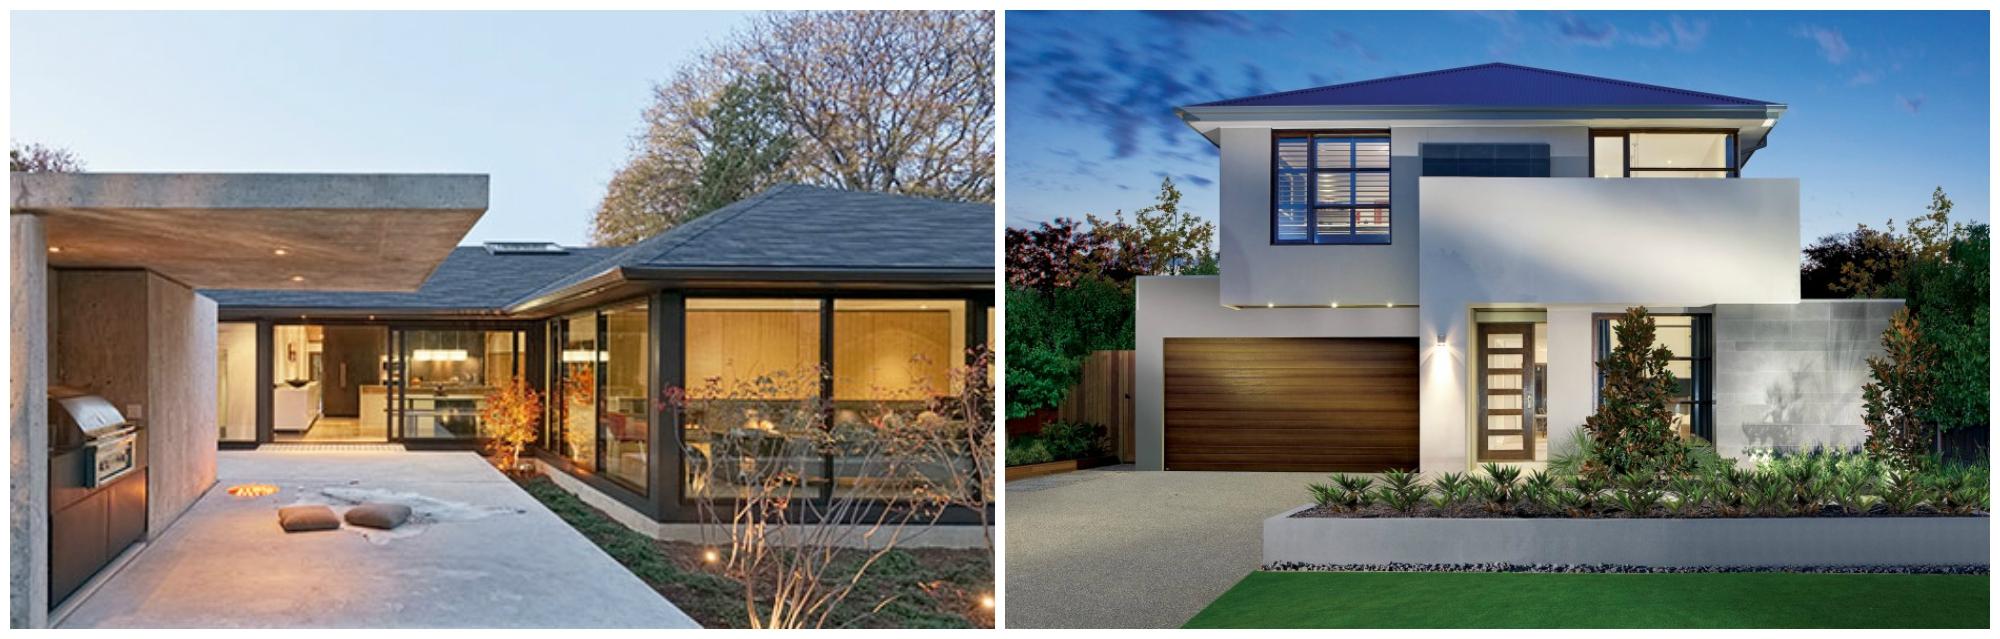 Aký Typ Stavby Zvoliť Bungalov či Poschodový Dom Akostavatcom